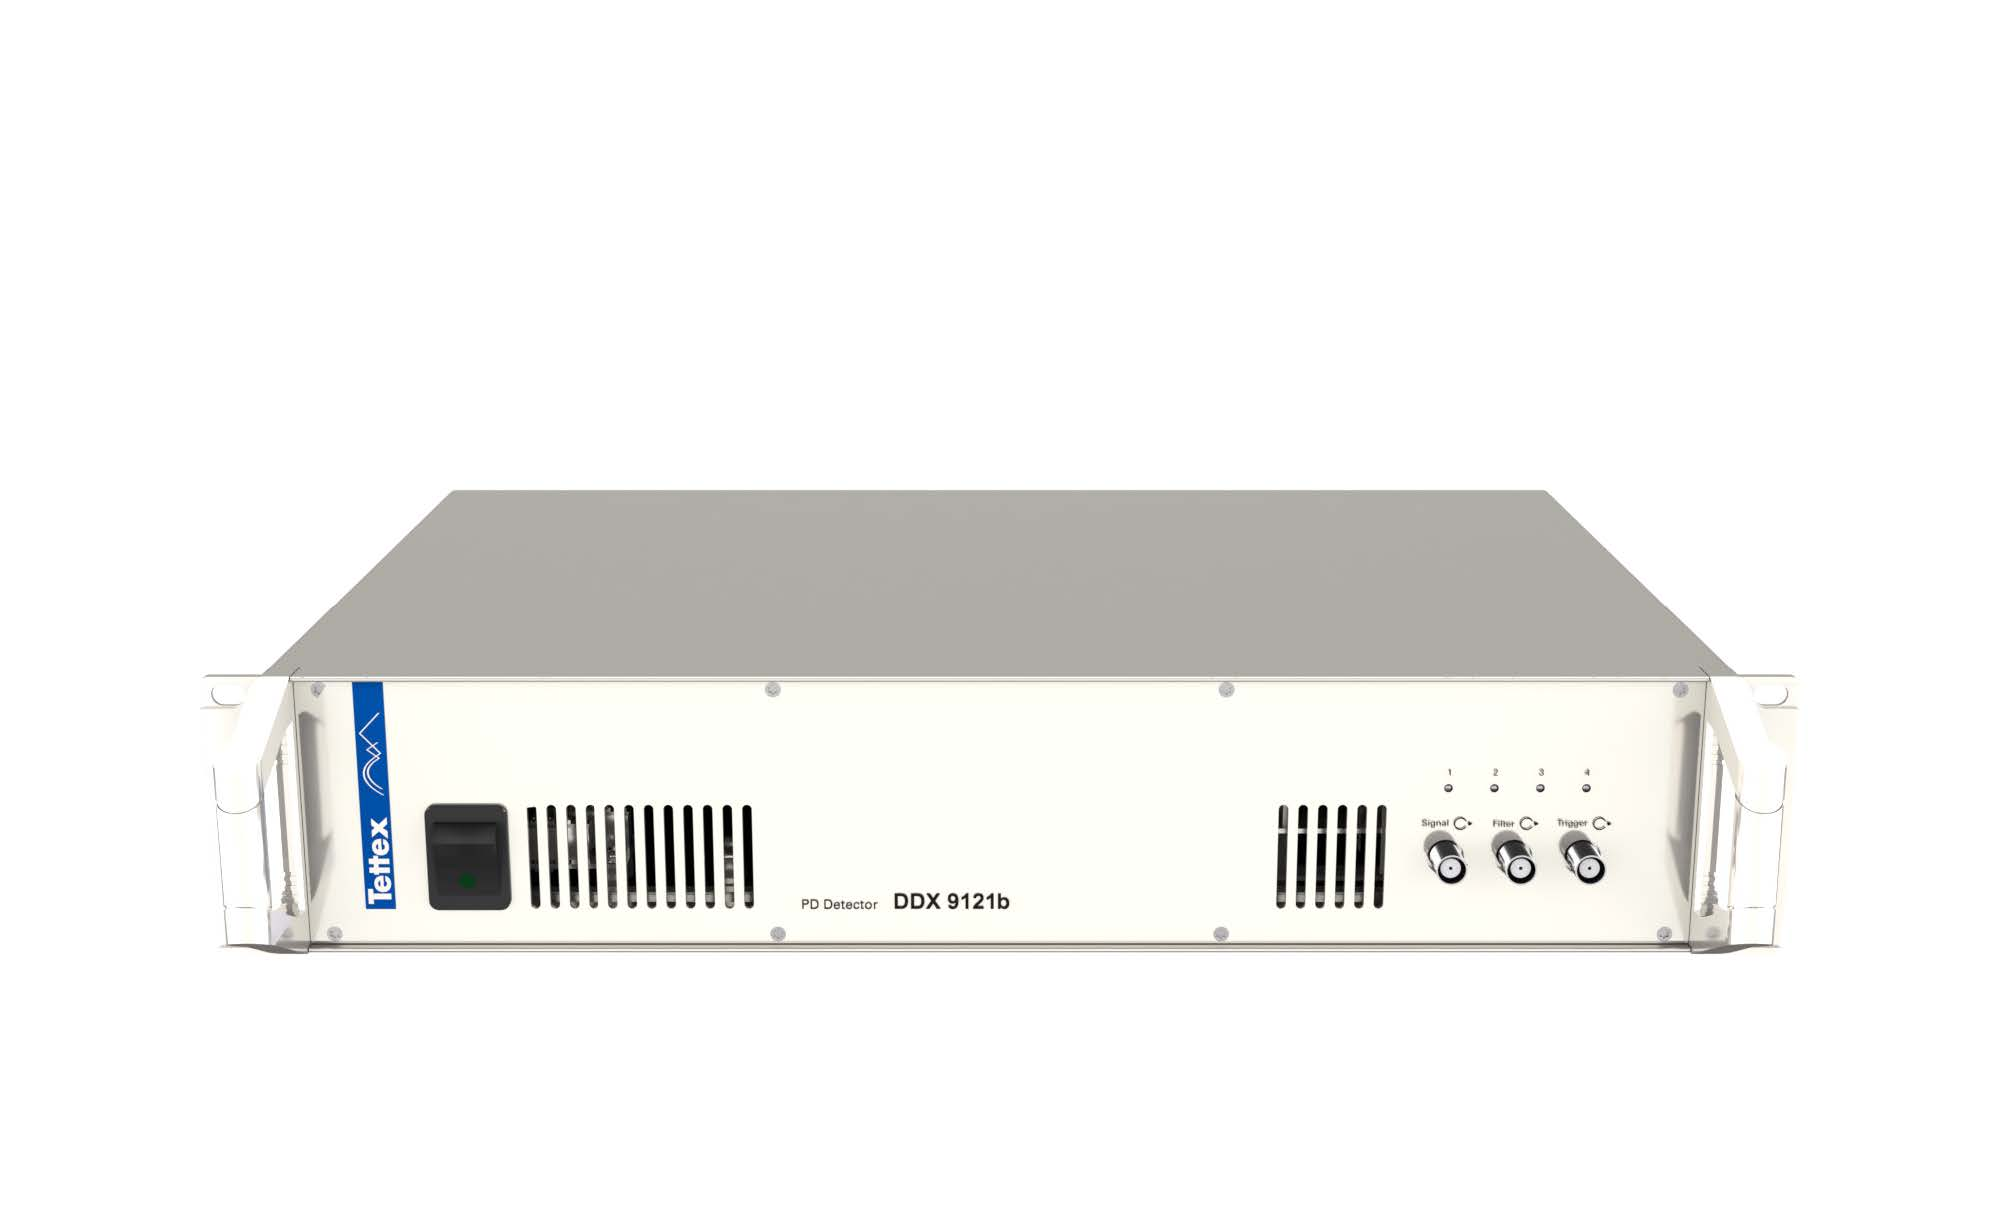 DDX 9121b